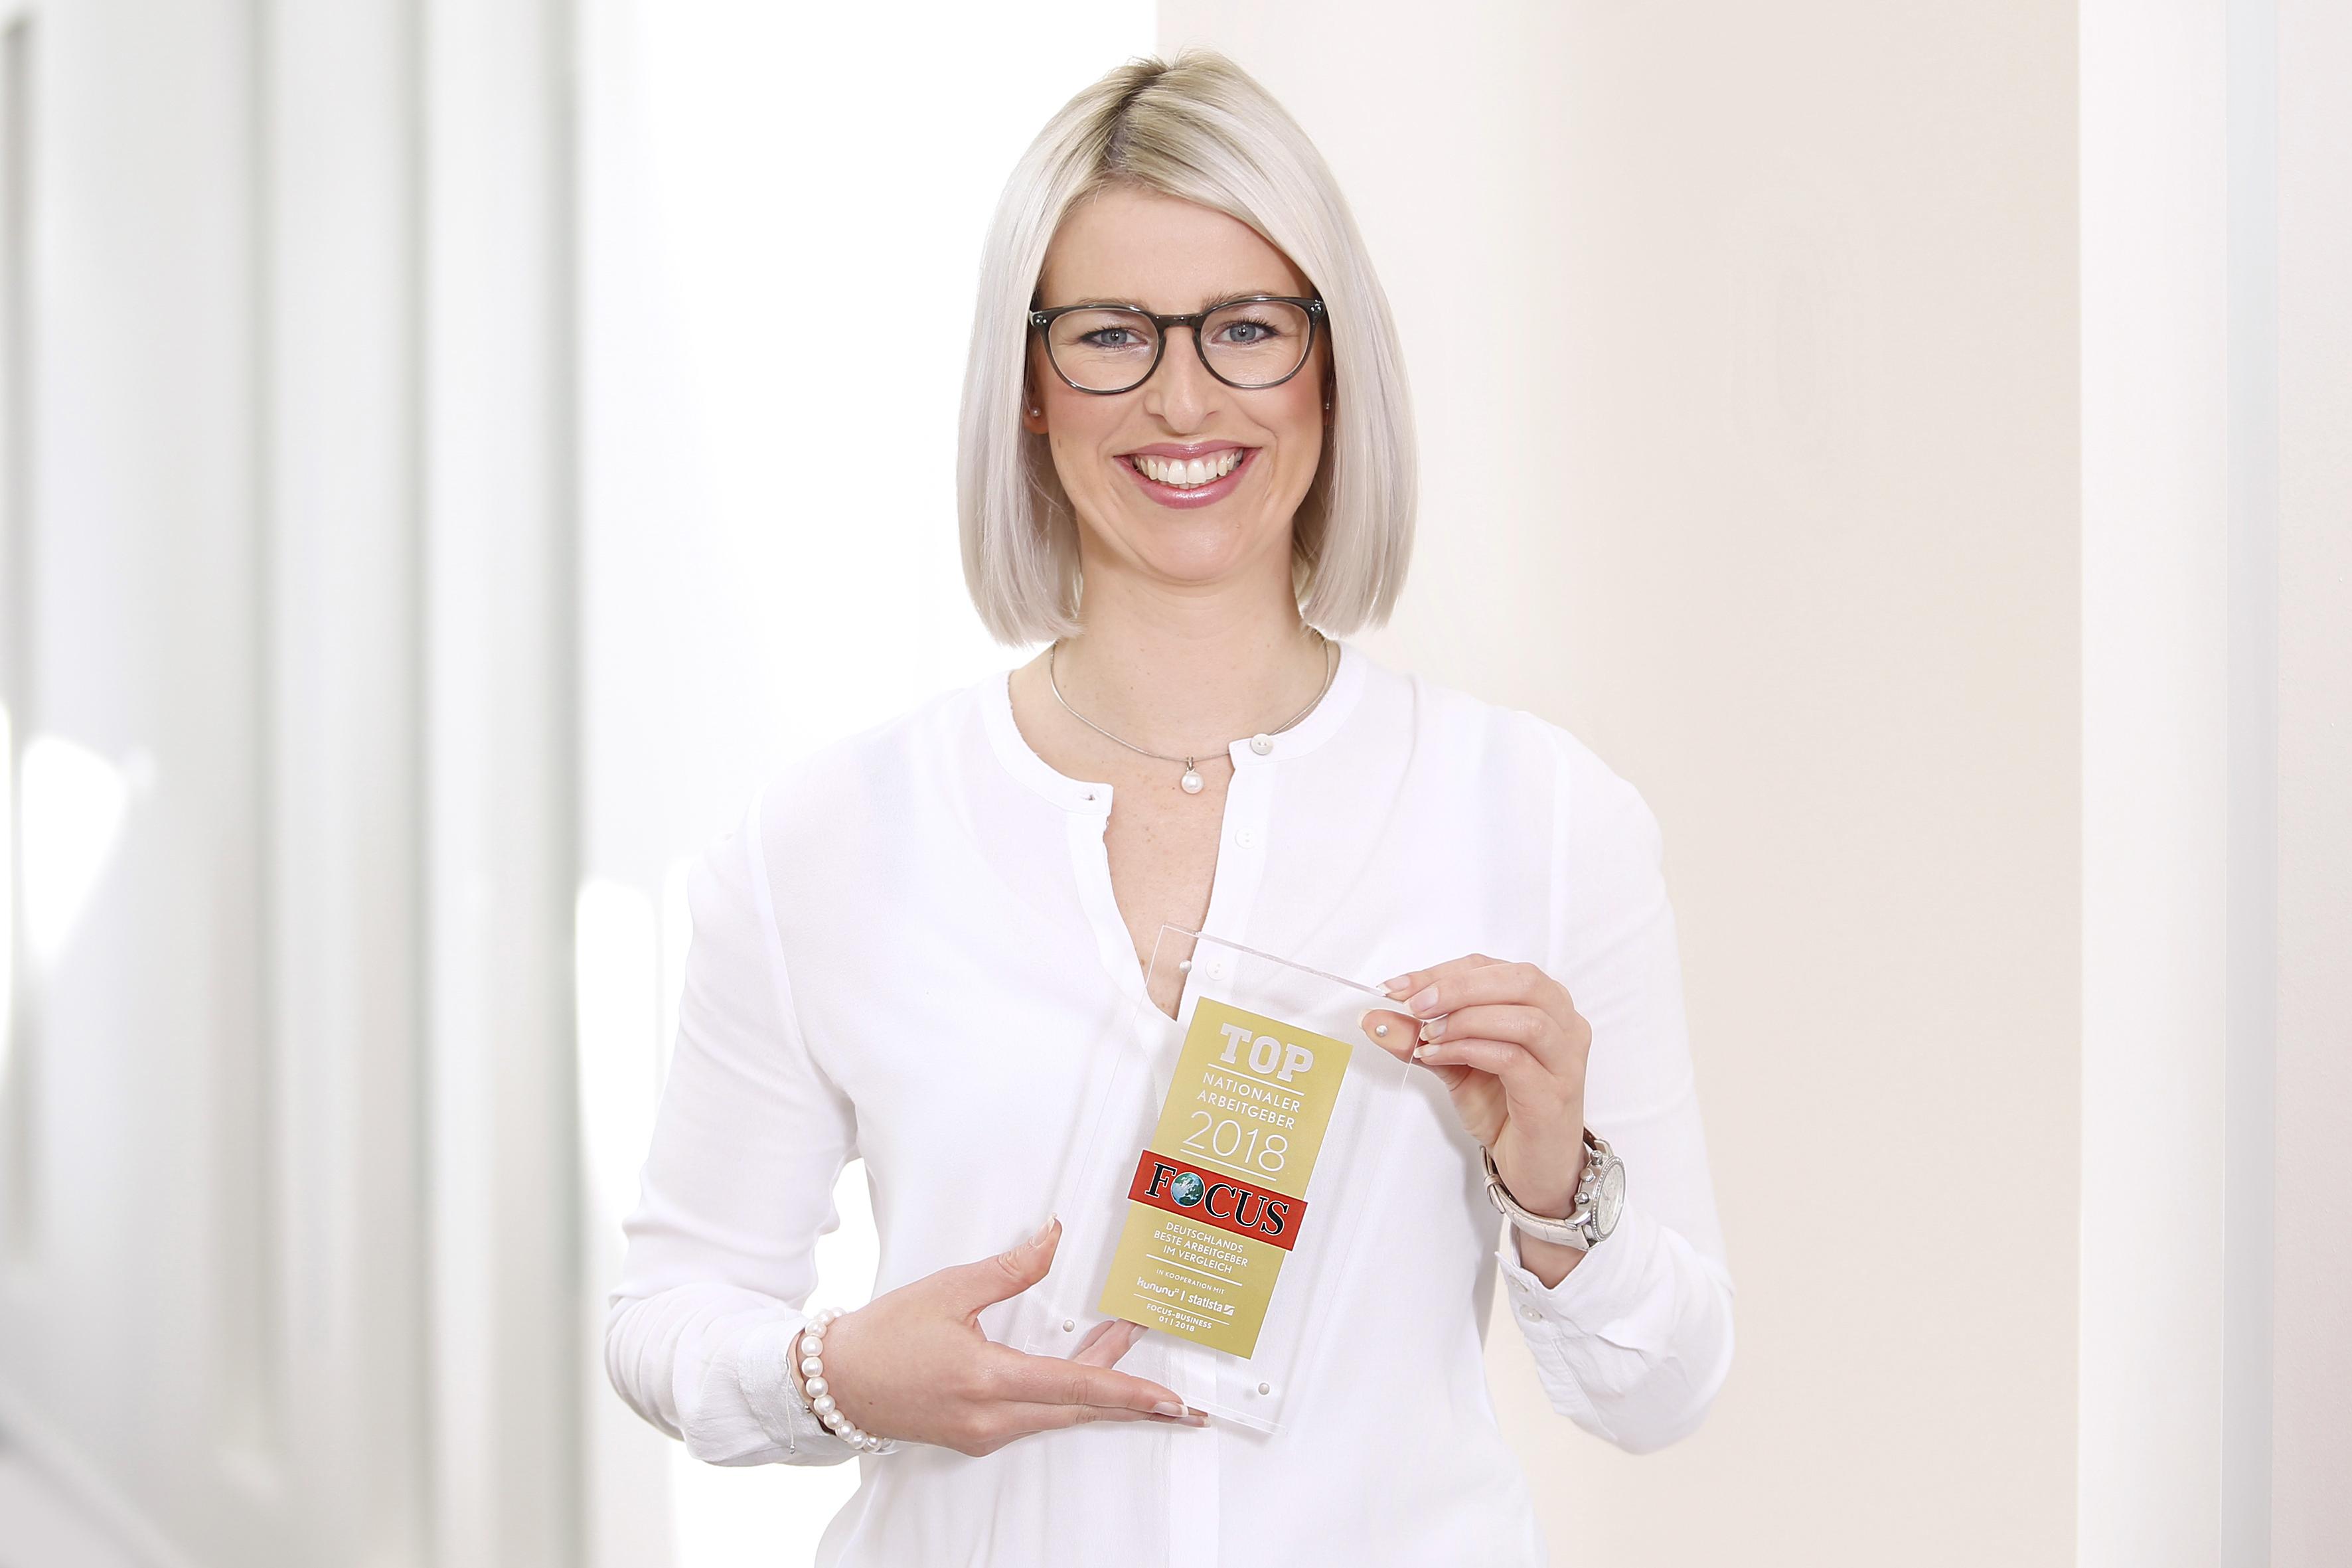 Top-Arbeitgeber 2014. Die Witt-Gruppe wurde vom Nachrichtenmagazin Focus zu einem der beliebtesten deutschen Unternehmen gewählt